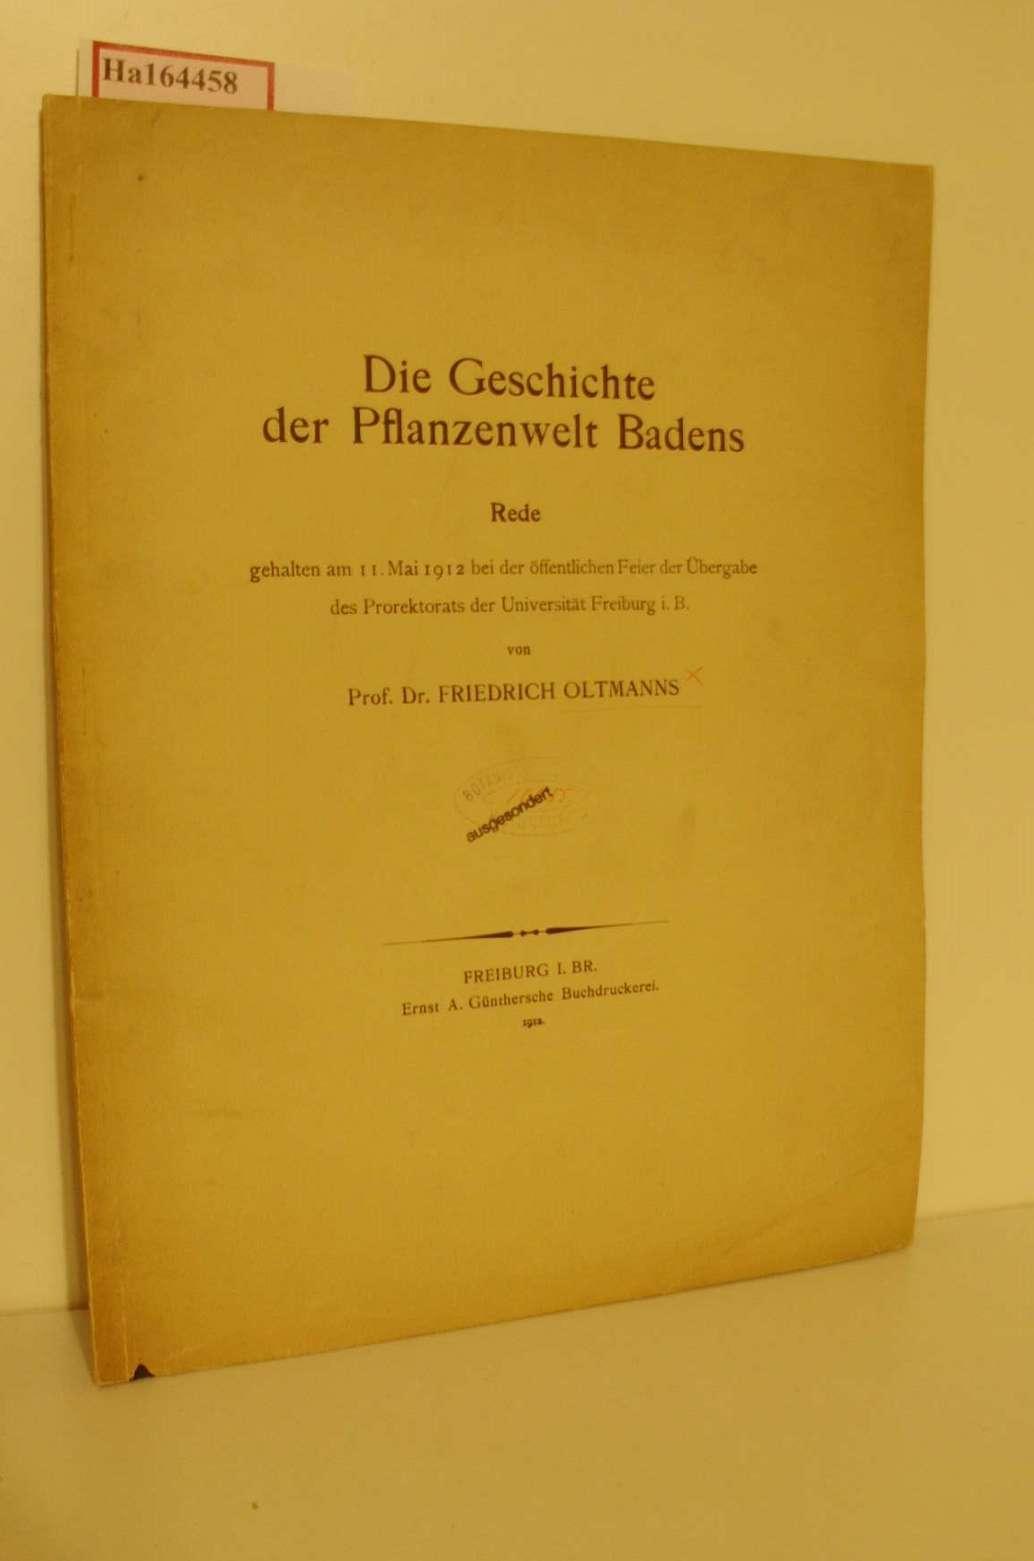 Die Geschichte der Pflanzenwelt Badens. Rede, Freiburg: Oltmanns, Friedrich: